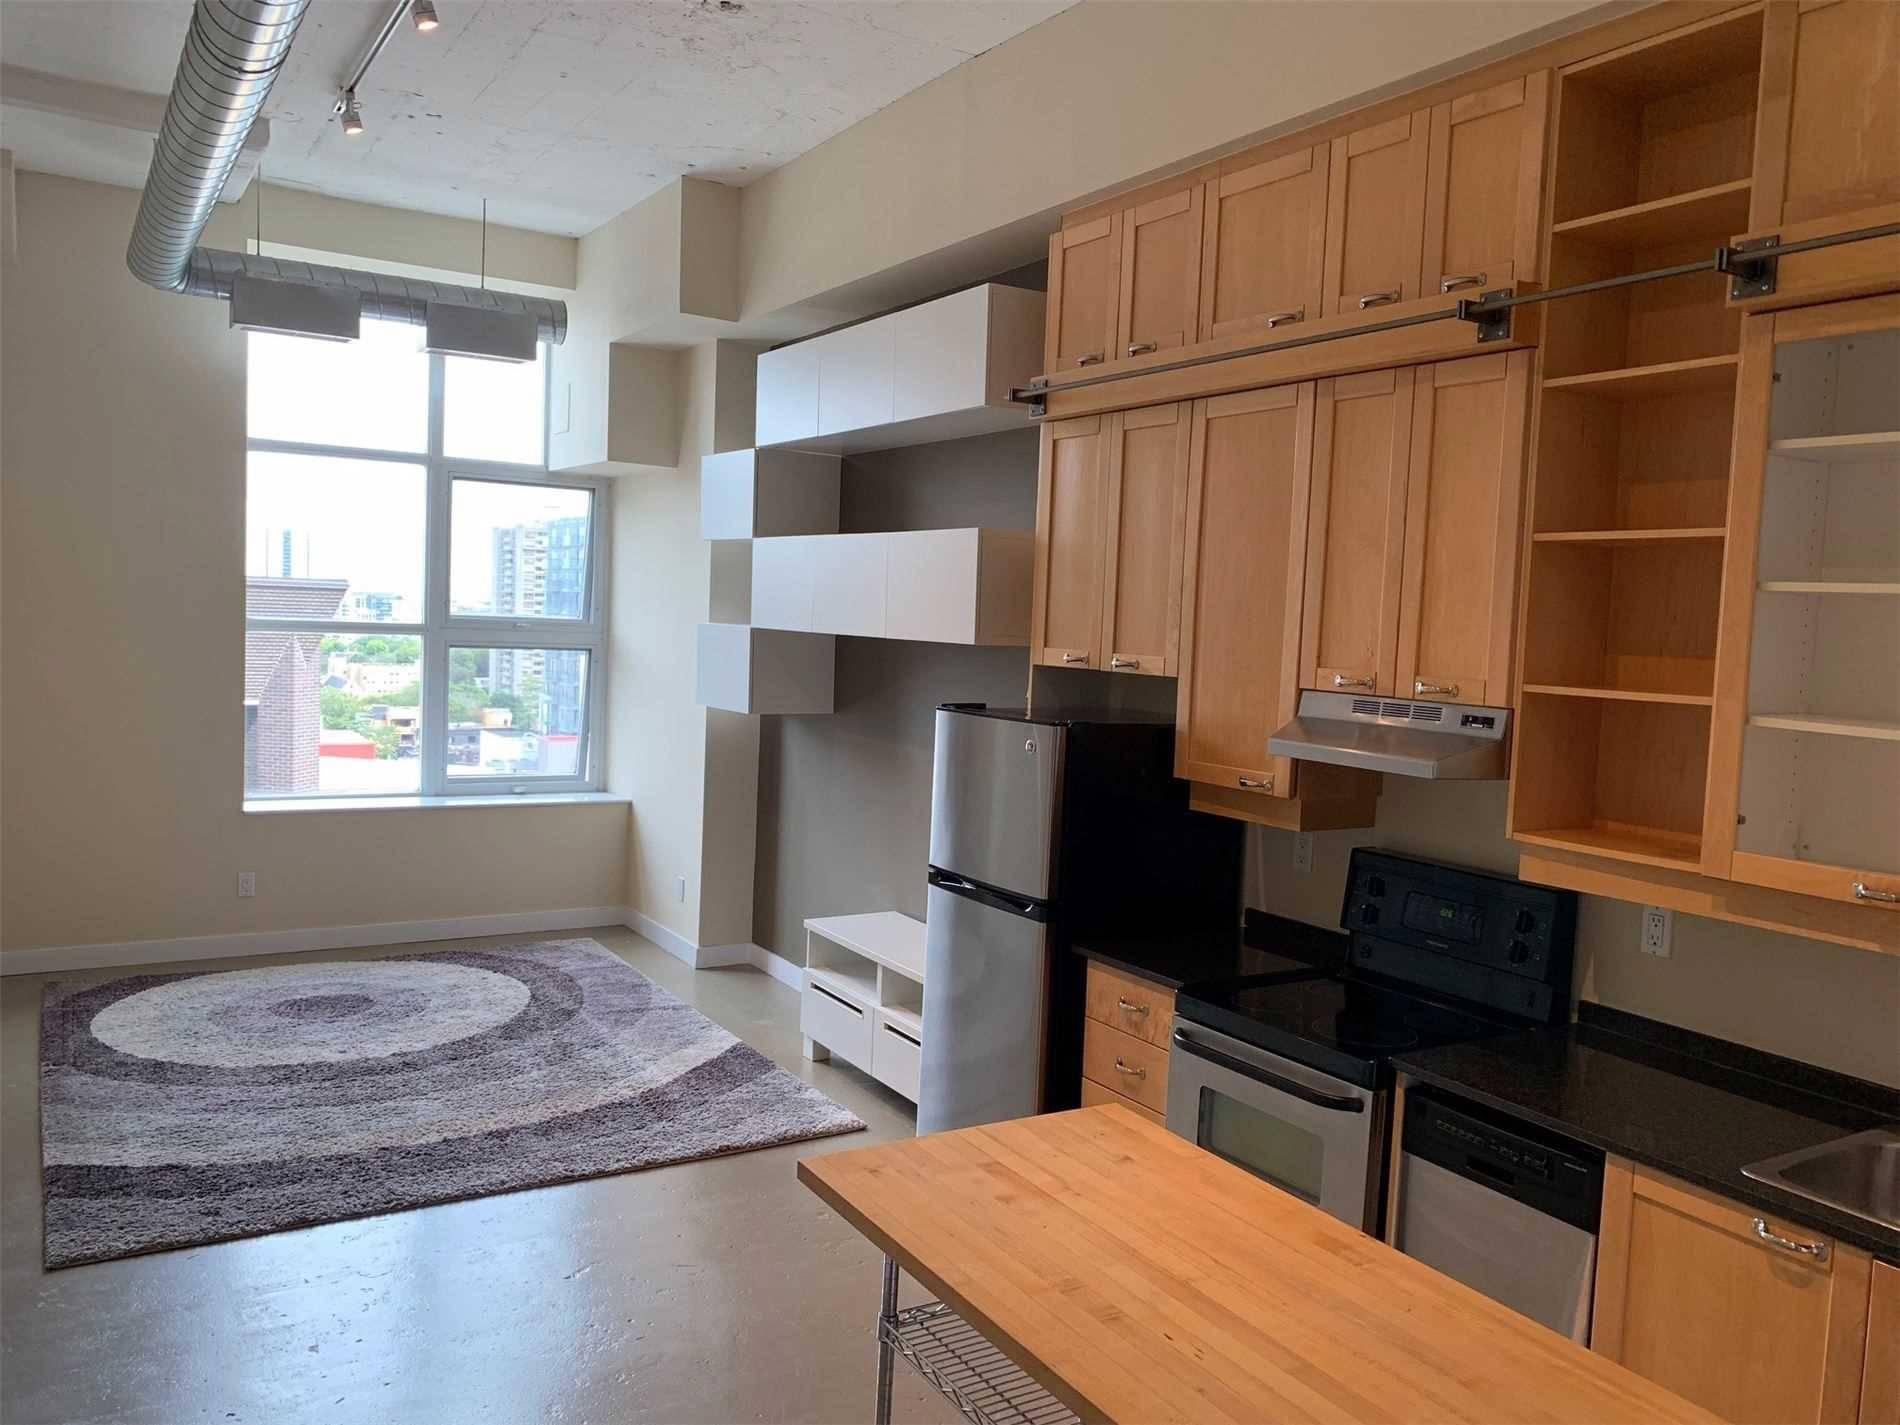 Apartment for rent at 155 Dalhousie St Unit 1040 Toronto Ontario - MLS: C4553079